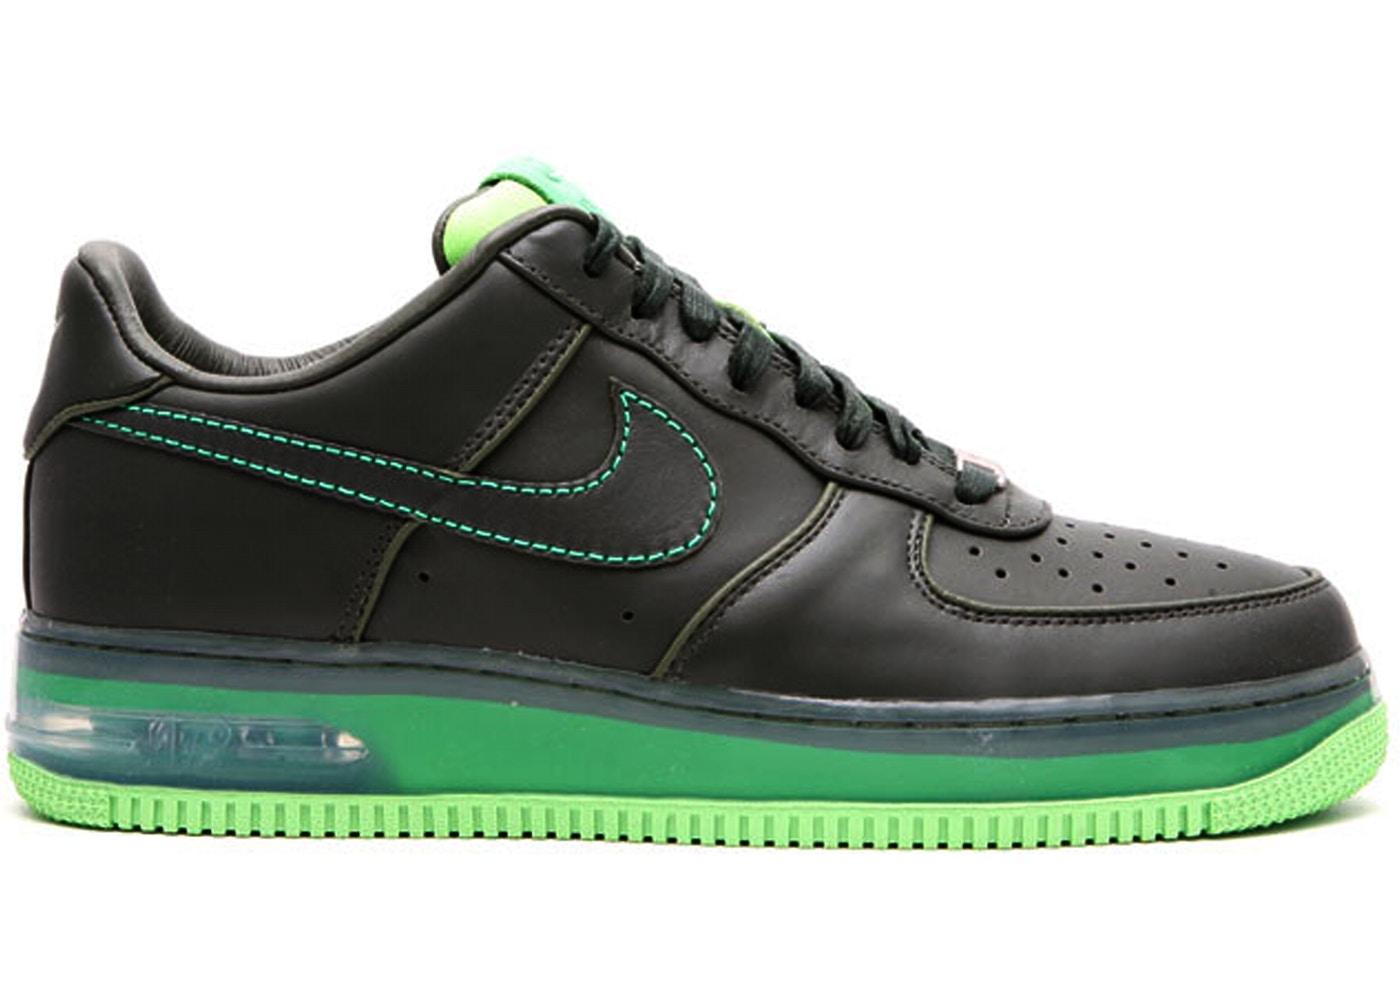 Nike Air Force 1 Supreme Max Air Dark Army Green Spark - 316666-333